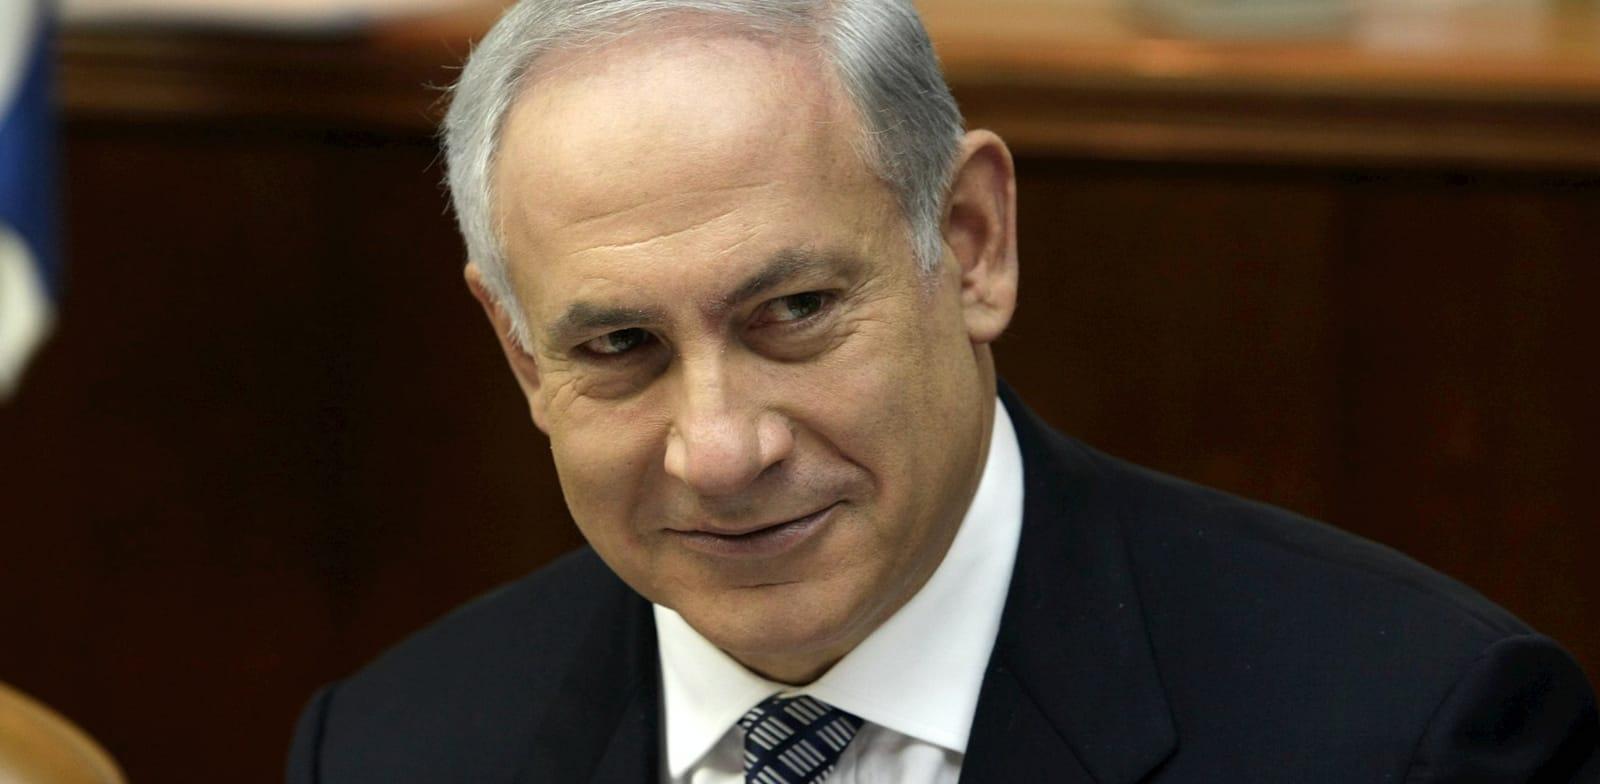 """ראש הממשלה בנימין נתניהו / צילום: עמית שאבי, """"ידיעות אחרונות"""""""